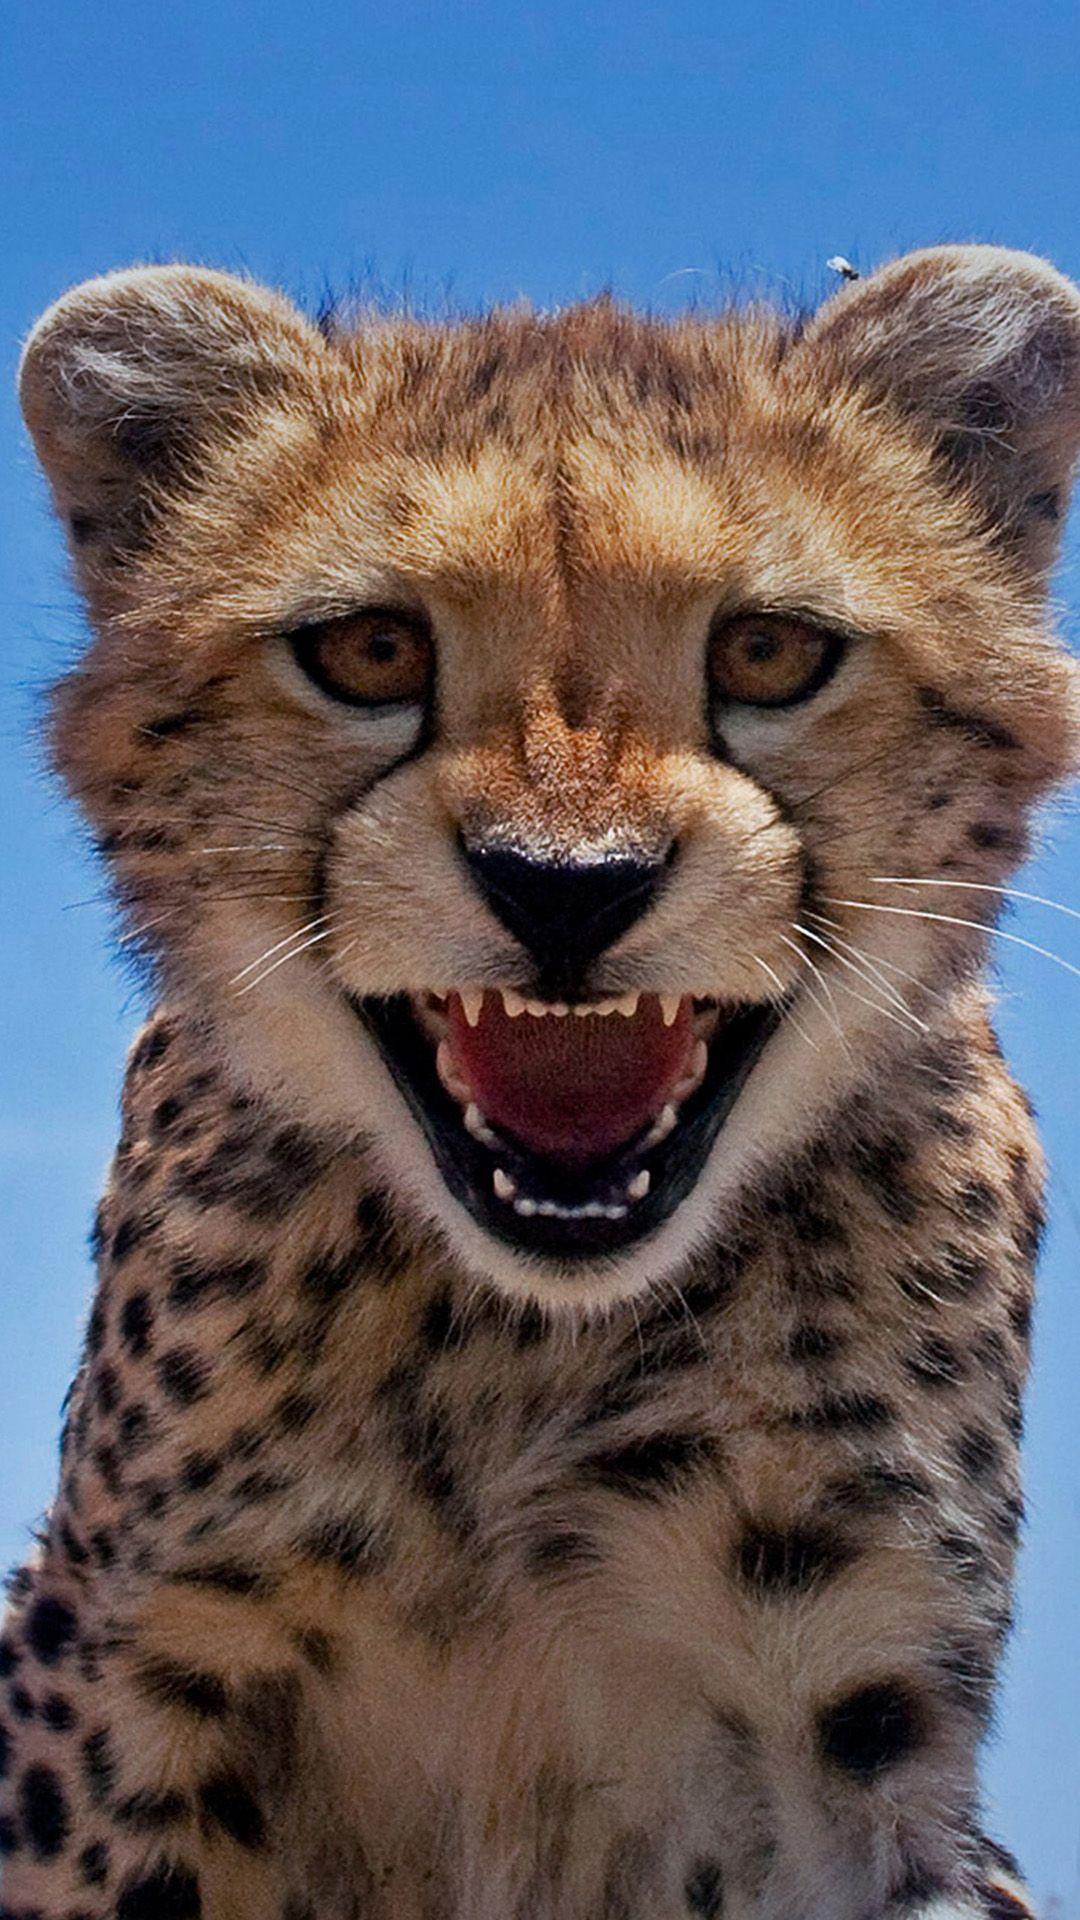 Little Leopard Shout Close Up iPhone wallpaper Room ideas .au